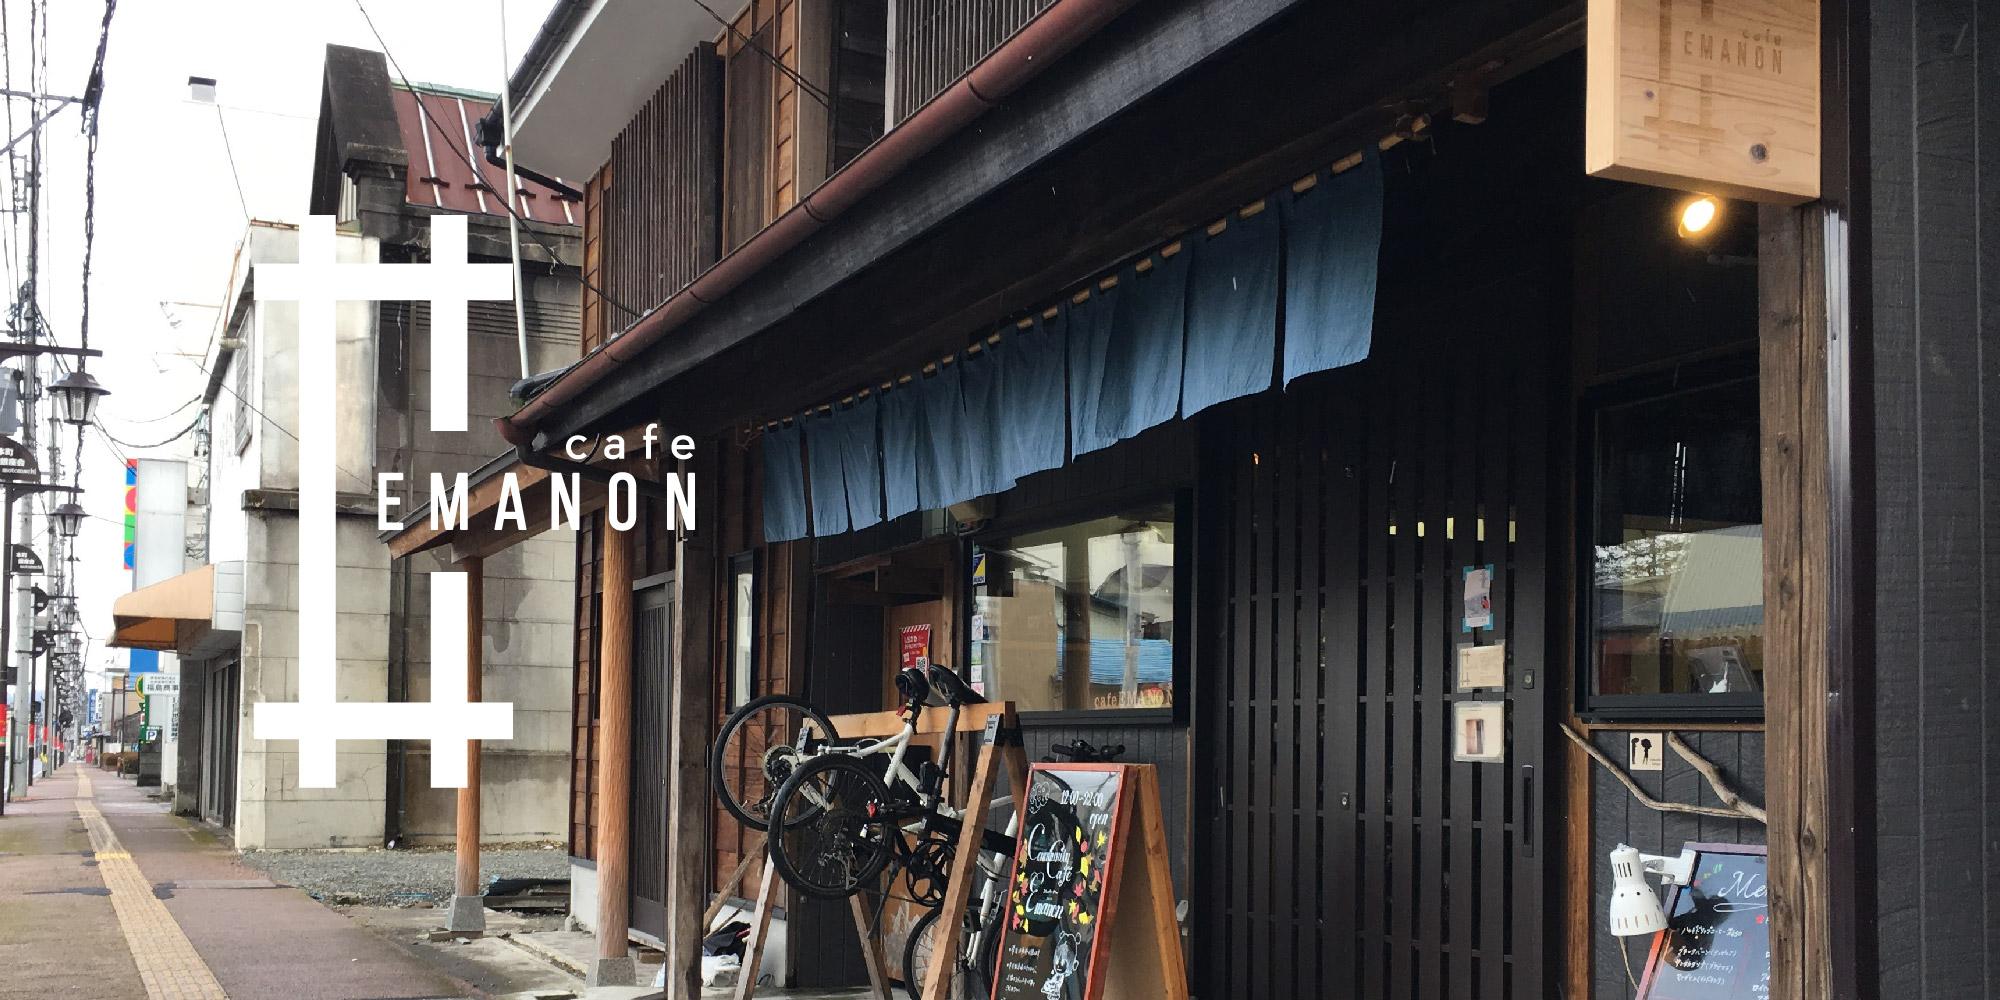 コミュニティ・カフェ EMANON|福島県白河市の古民家リノベーションカフェ